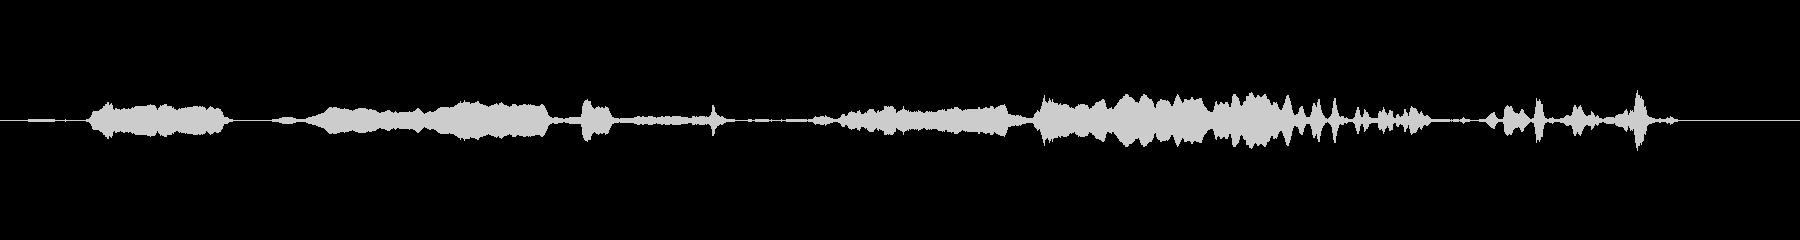 摩擦金属、低音-遅いの未再生の波形